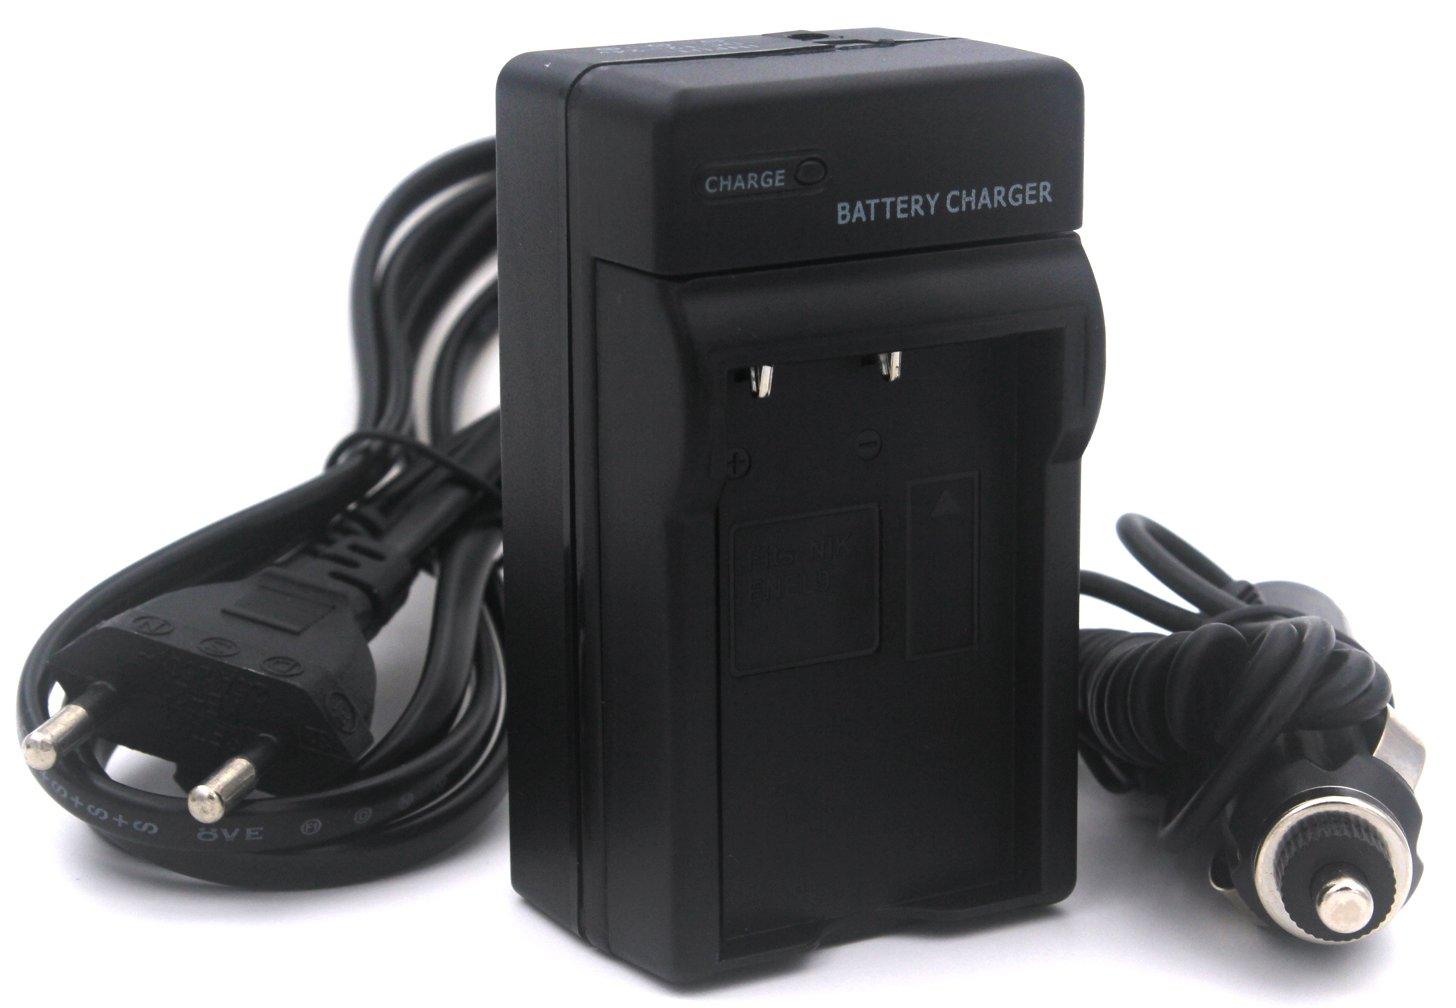 EN-EL9 USB Cargador para Nikon D3000, D40, D40x, D5000, D60 batería de la cámara